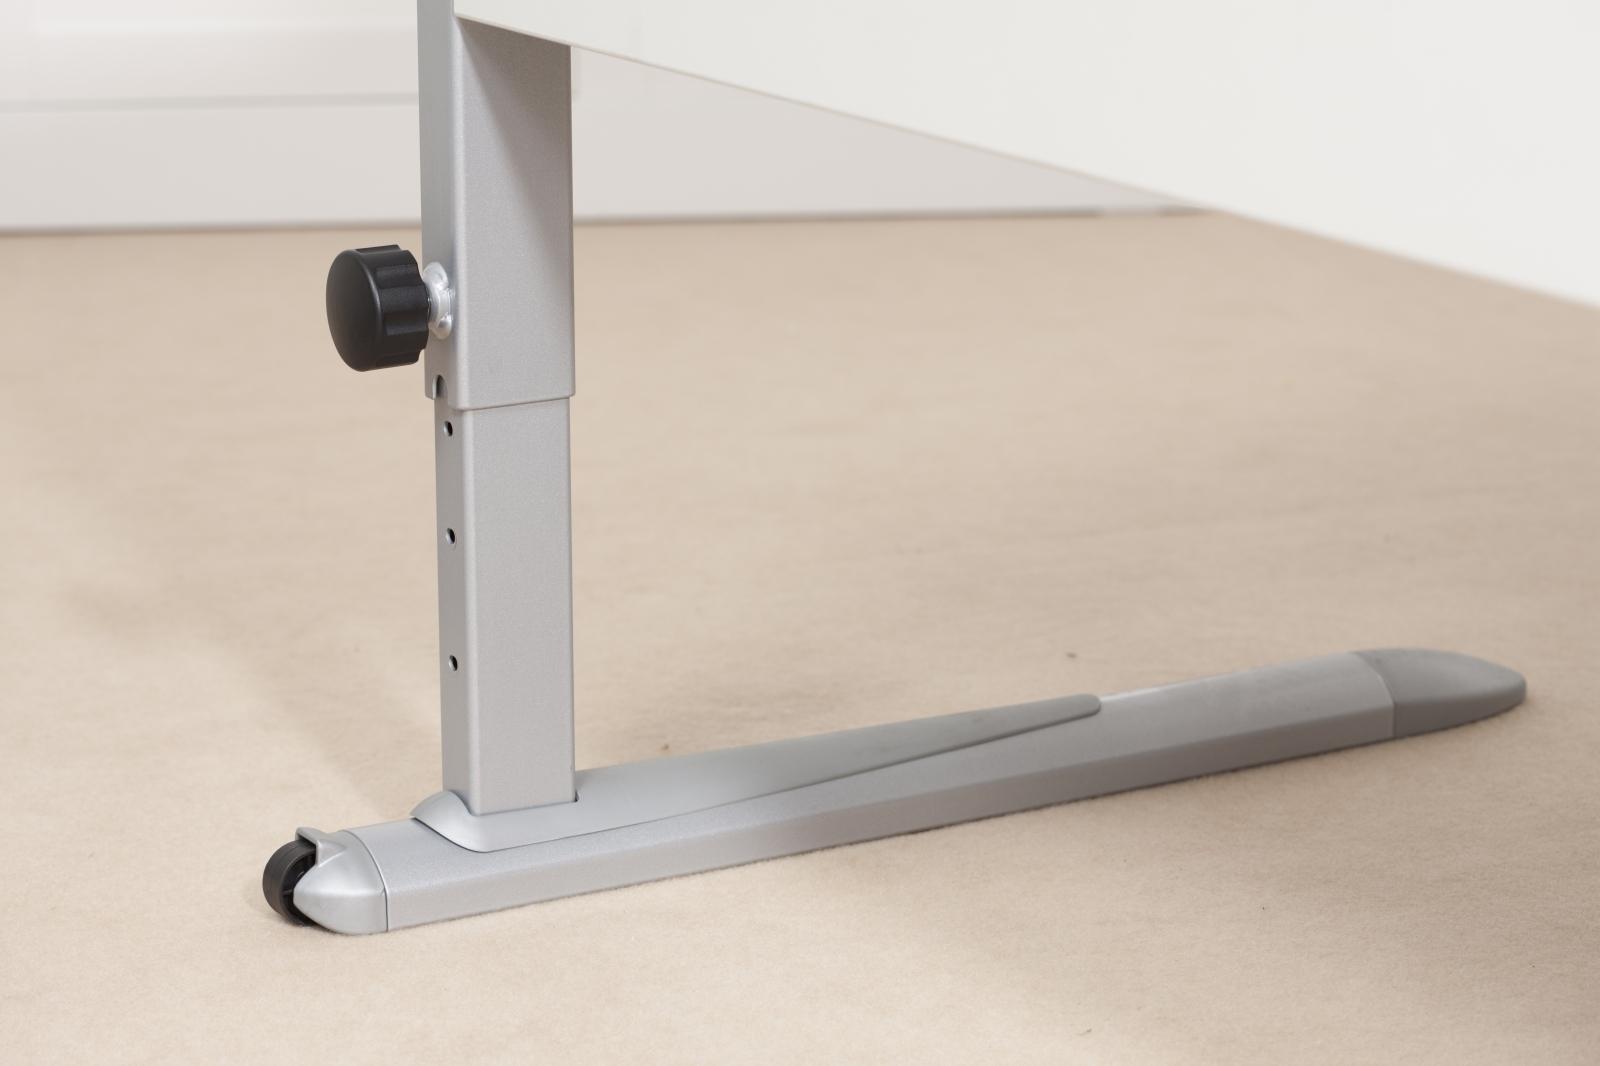 Beeindruckend Coole Schreibtische Ideen Von Kettler Schreibtisch Ii - Weiß /silber